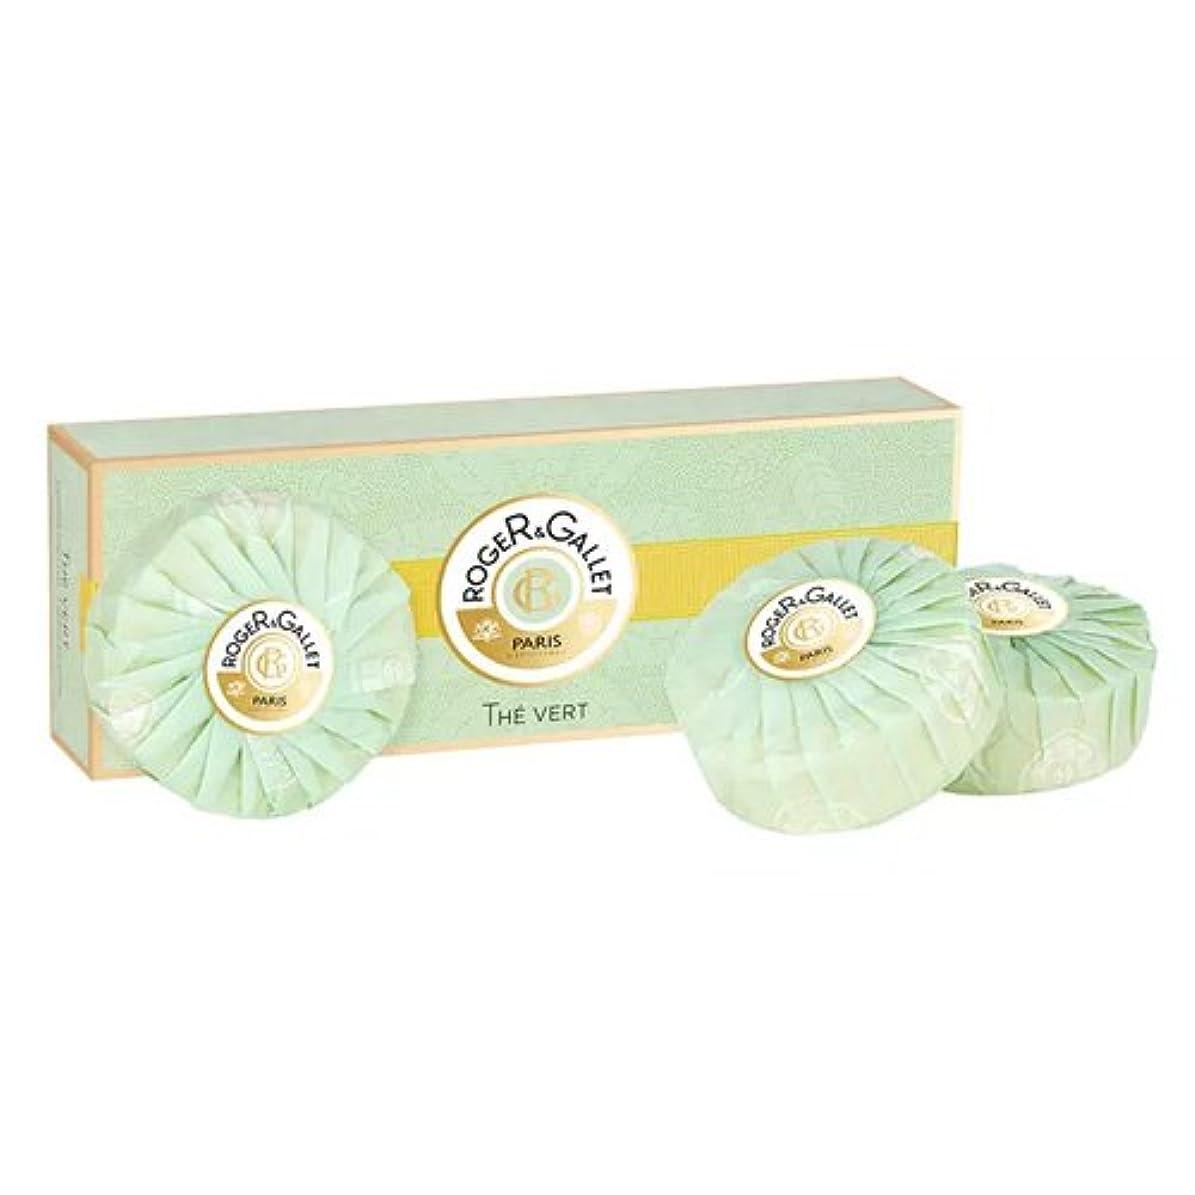 内部リテラシー独裁ロジェガレ グリーンティー (オーデ テ ヴェール) 香水石鹸3個セット ROGER&GALLET EAU DE THE VERT (GREEN TEA) SOAP [並行輸入品]